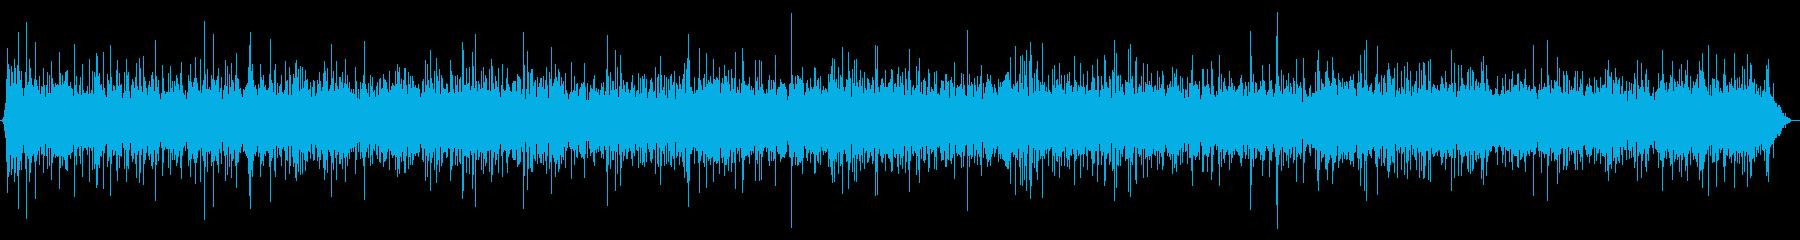 雨の音03(傘)の再生済みの波形